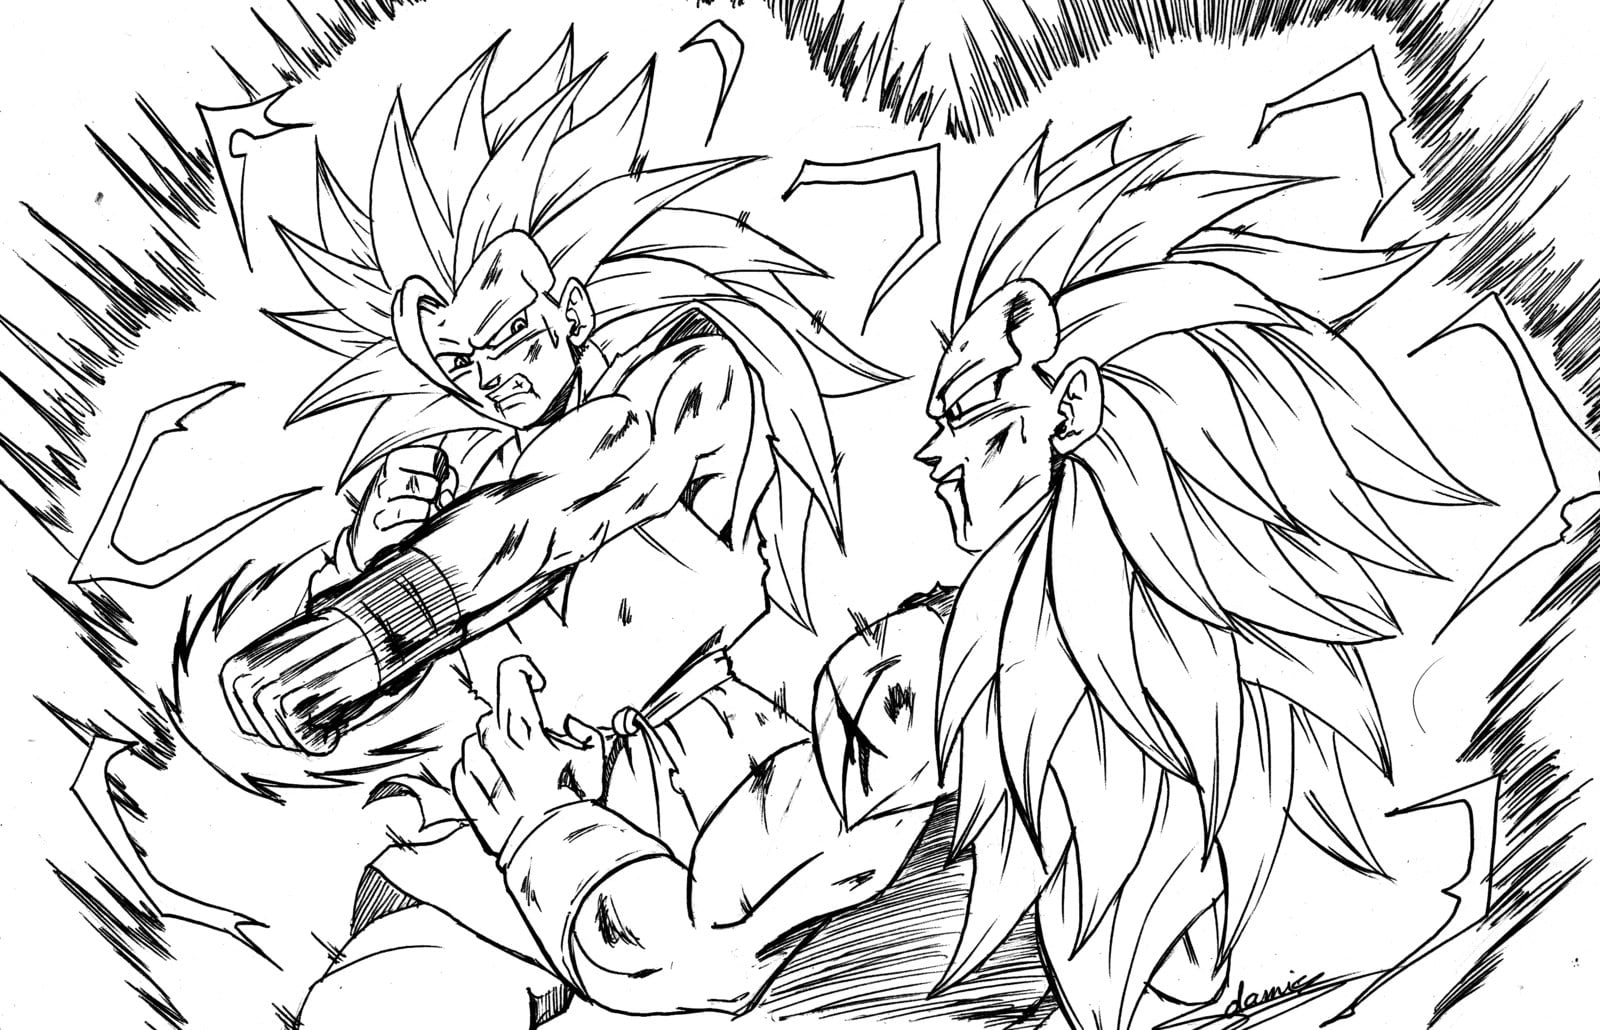 Colorear Dragones Dragon Ball Z Para Dibujos Para Colorear: Desenhos Para Colorir E Imprimir Dragon Ball Z